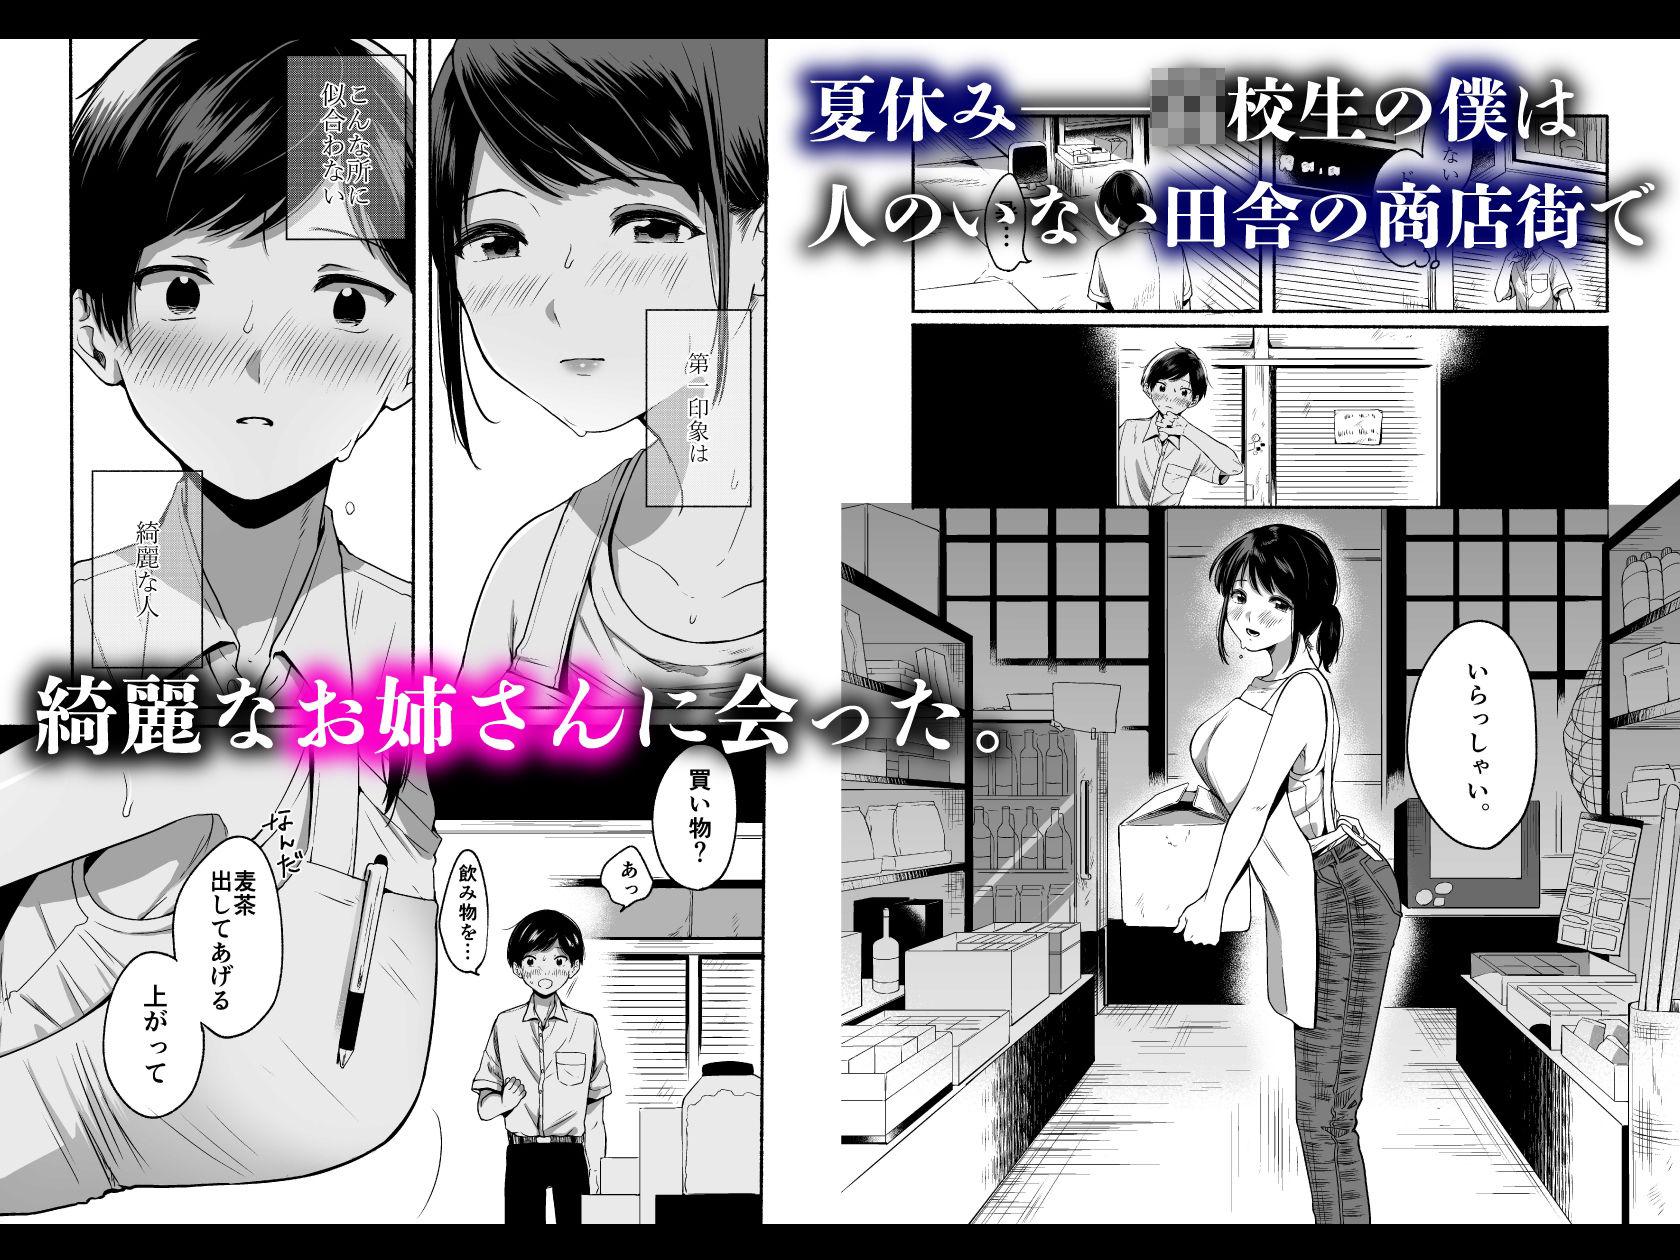 【エロ漫画】僕と夏の秘密 巨乳妻に前立腺を開発されたM男が‥「サークル:三崎」【同人誌・コミック】#1